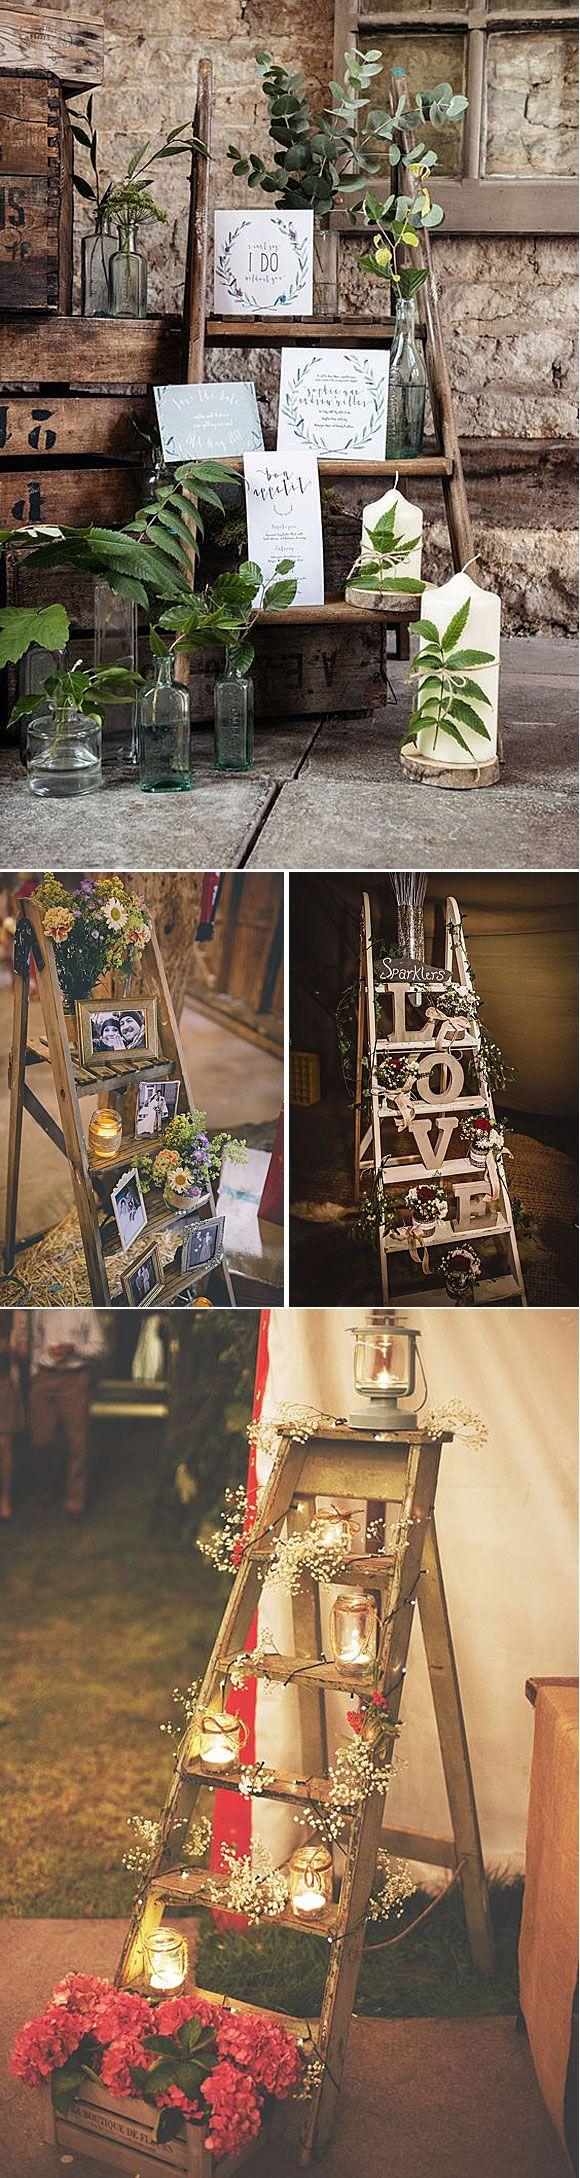 Escaleras de madera como elemento decorativo en bodas